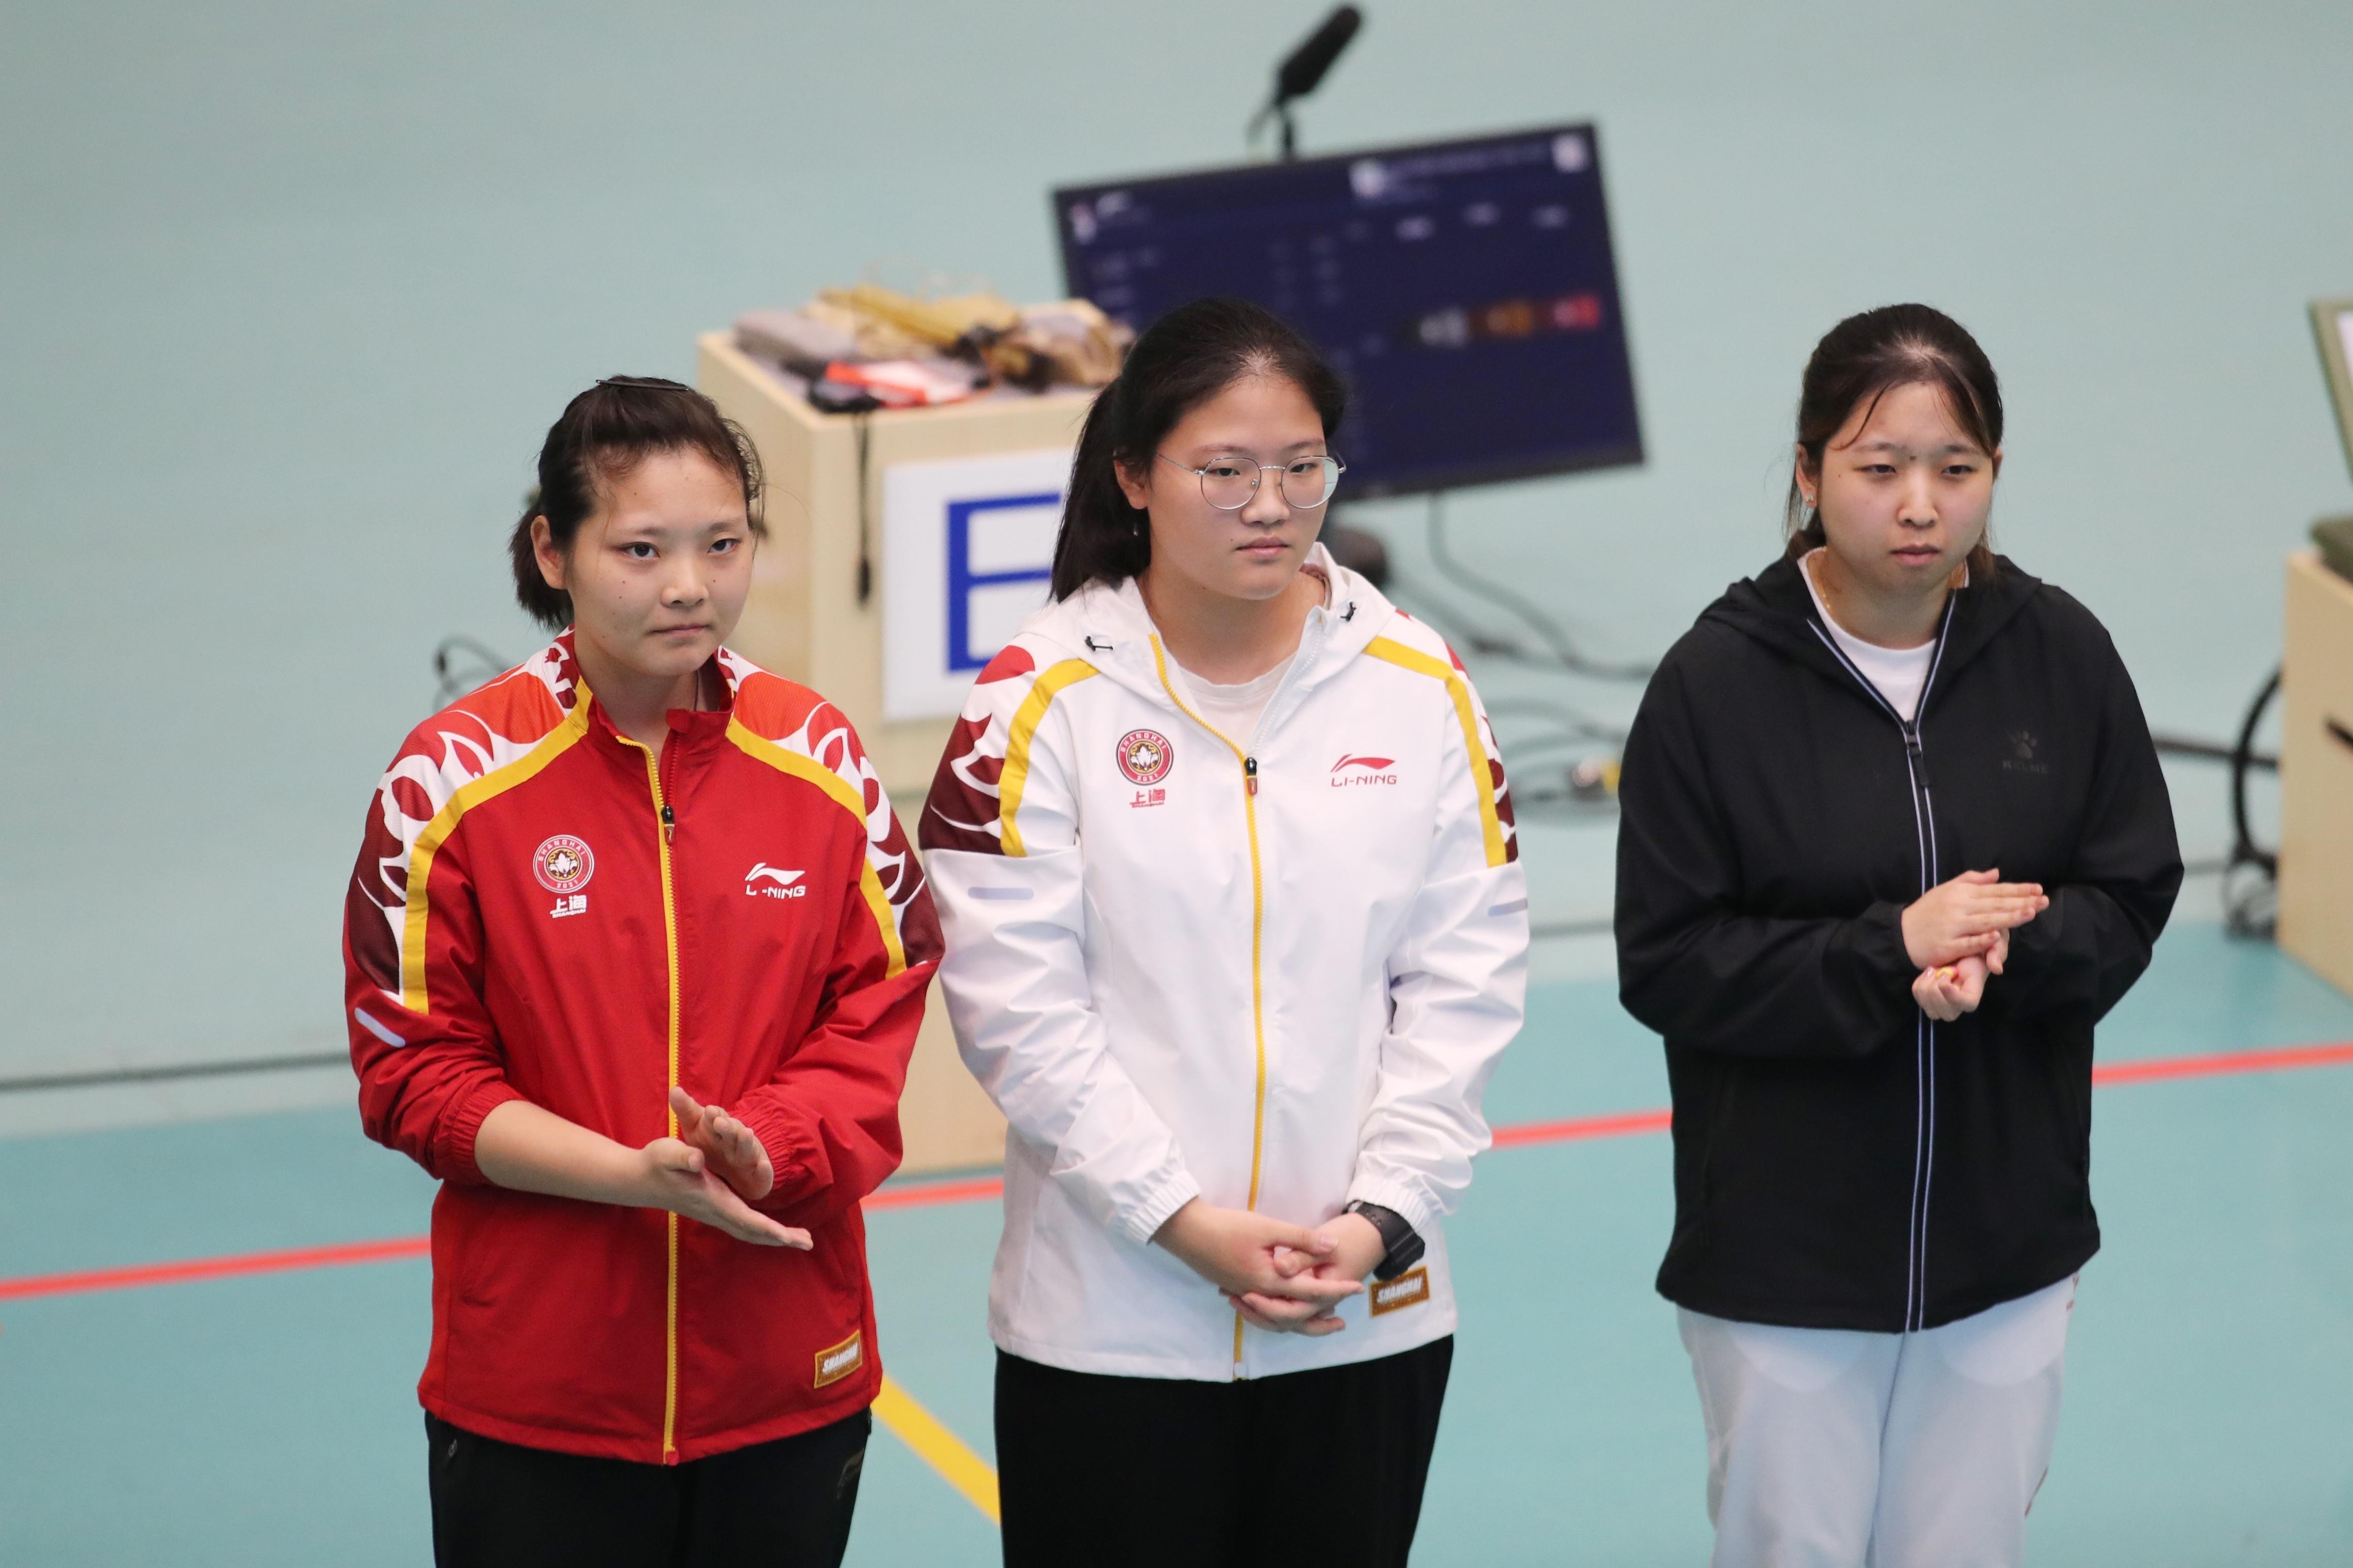 沈奕瑶(中)战胜了上海队队友、奥运冠军姜冉馨。